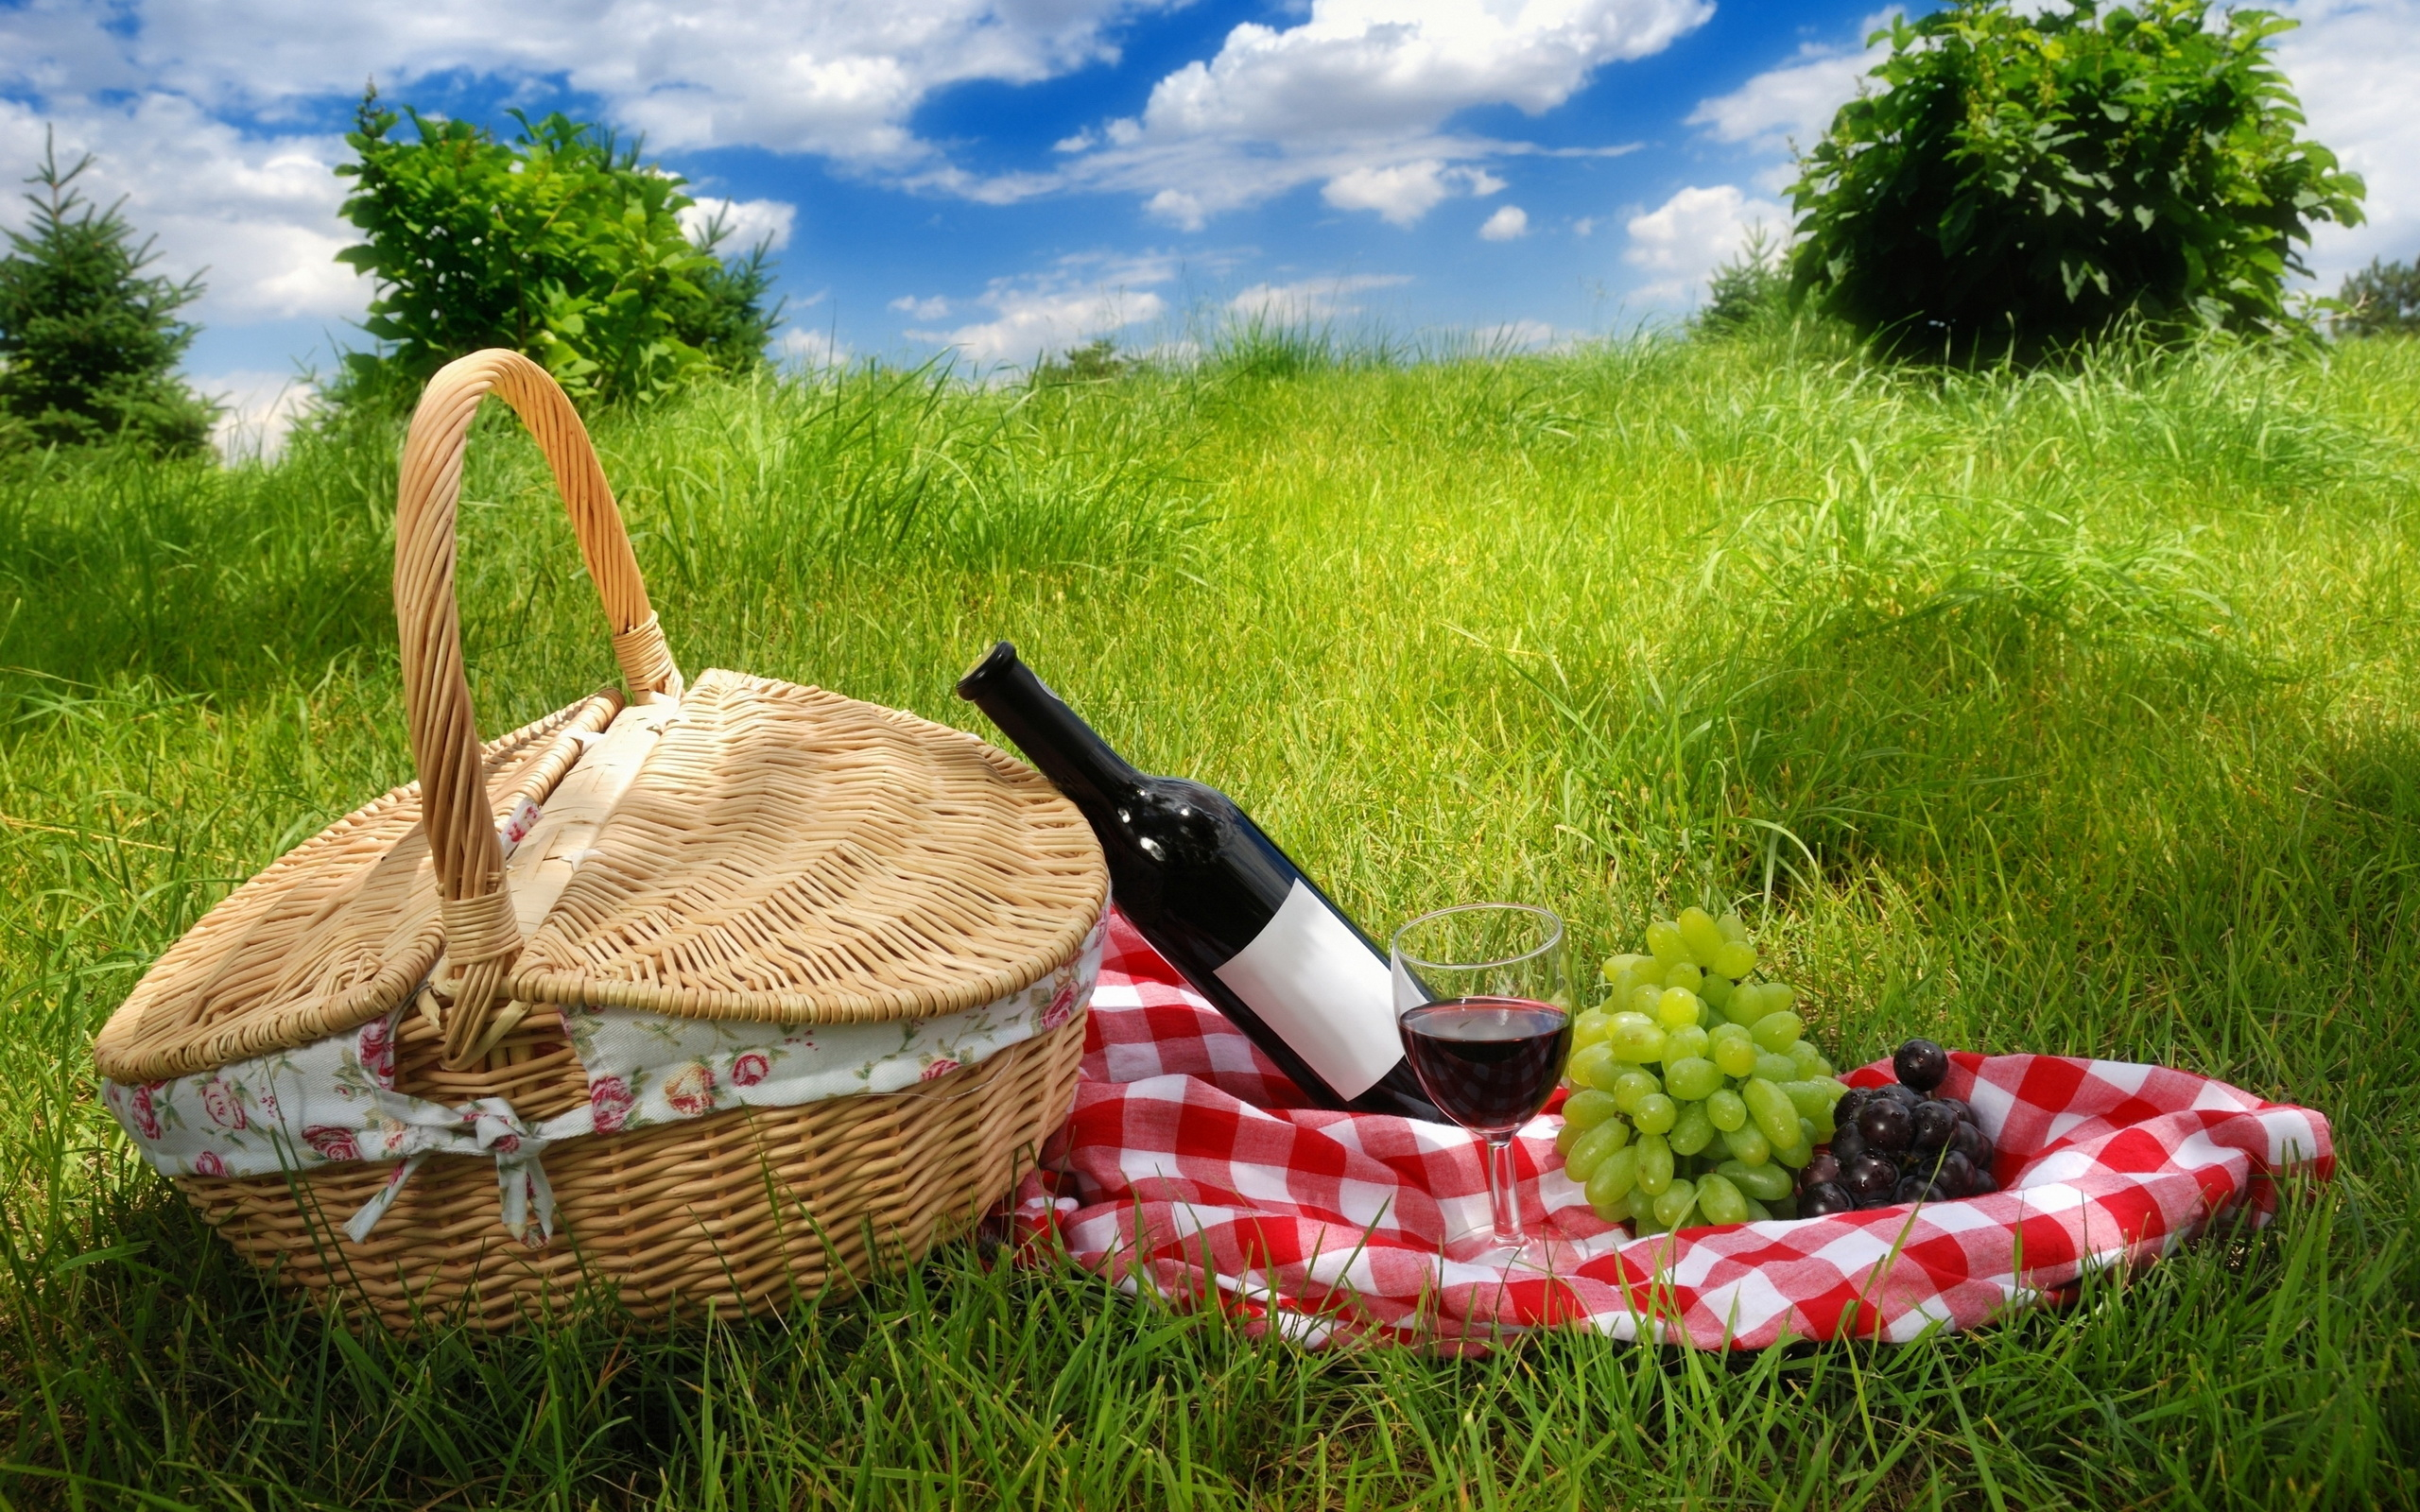 врожденной картинки пикник на траве фотографа можно